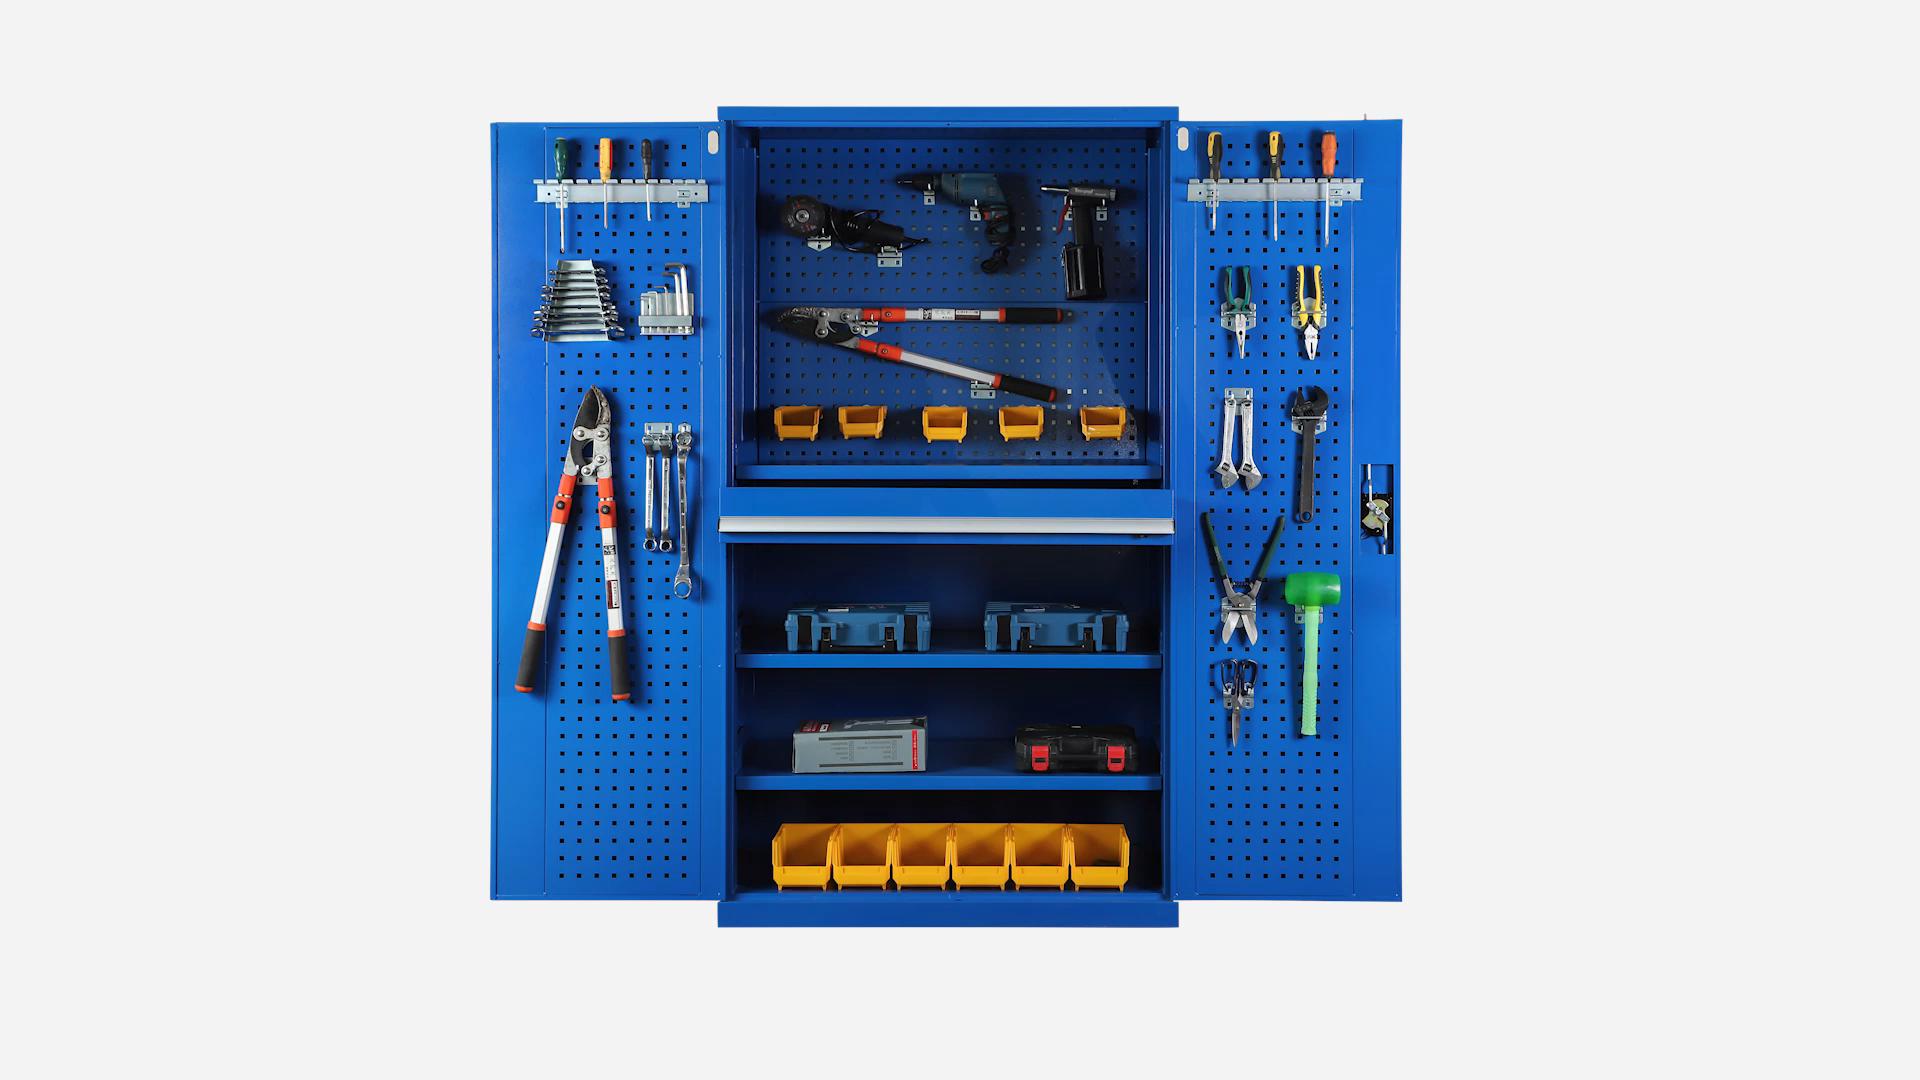 गर्म बिक्री भंडारण उपकरण और हुक शिल्पकार उपकरण कैबिनेट बॉक्स